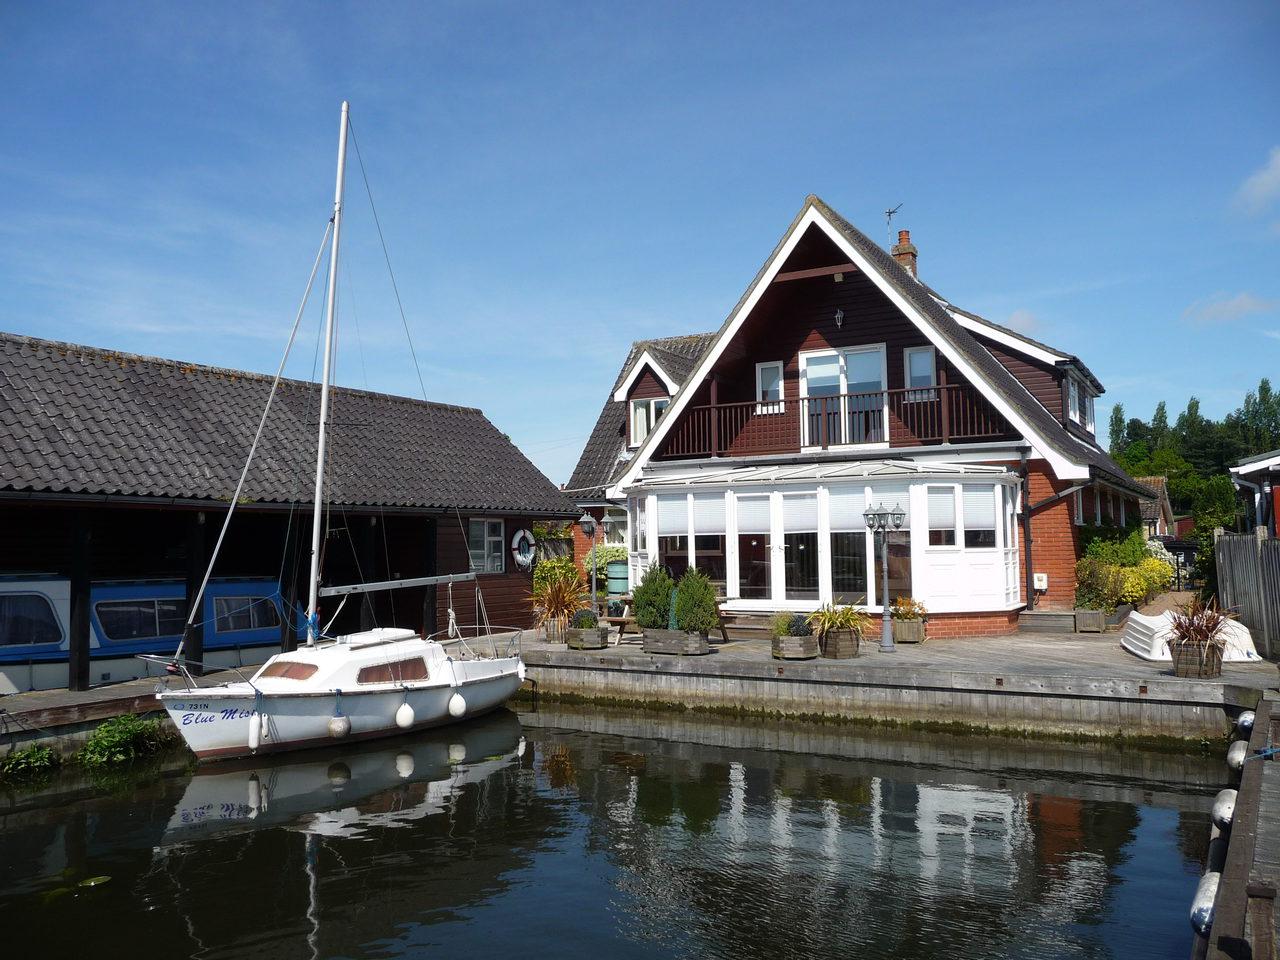 Waterside Dock